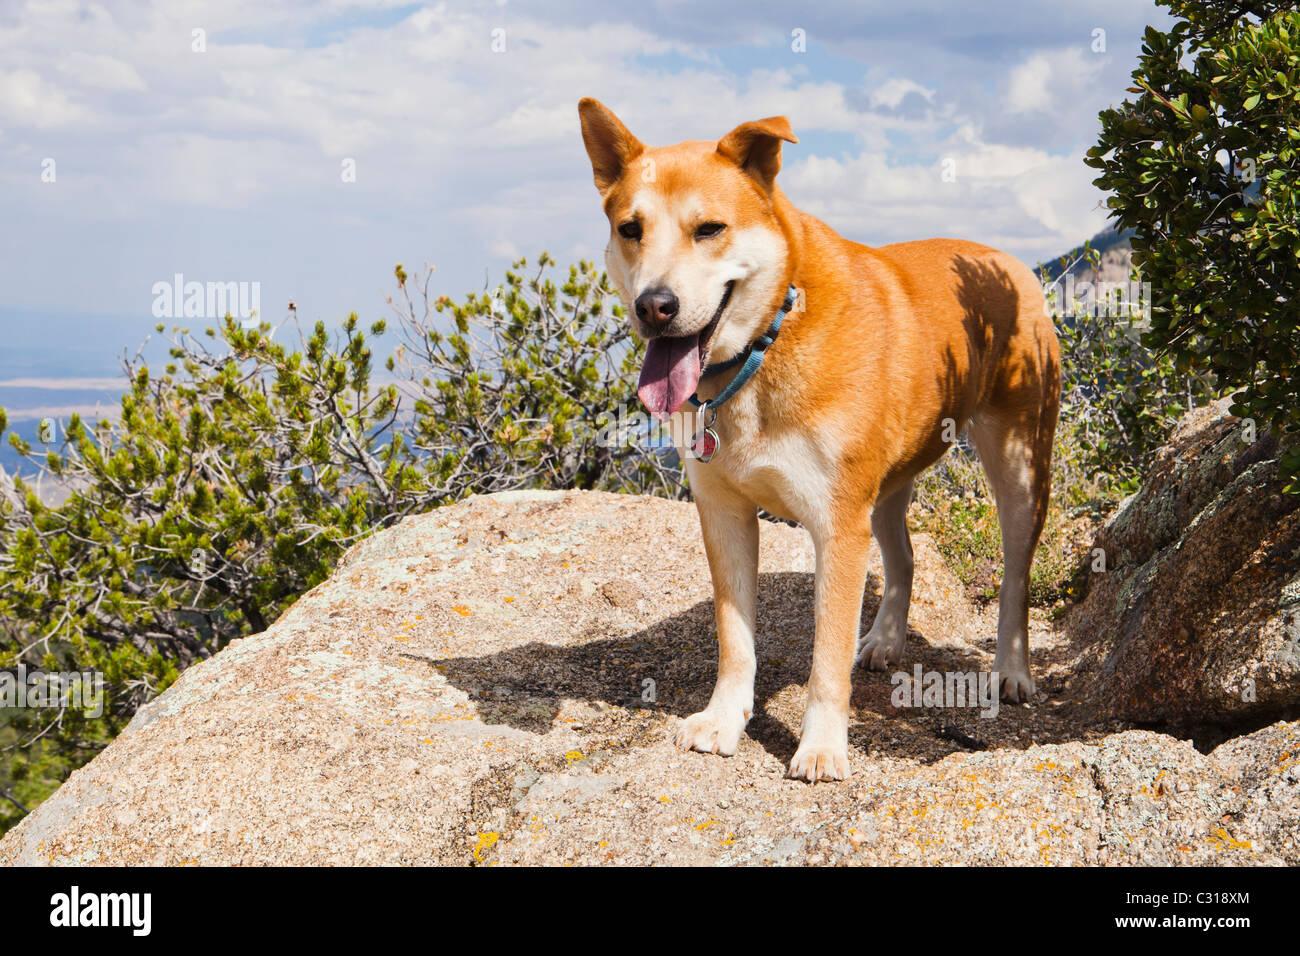 Ritratto di un cane in Sandia Mountains al di fuori Albuquerque, Nuovo Messico, Stati Uniti d'America. Immagini Stock